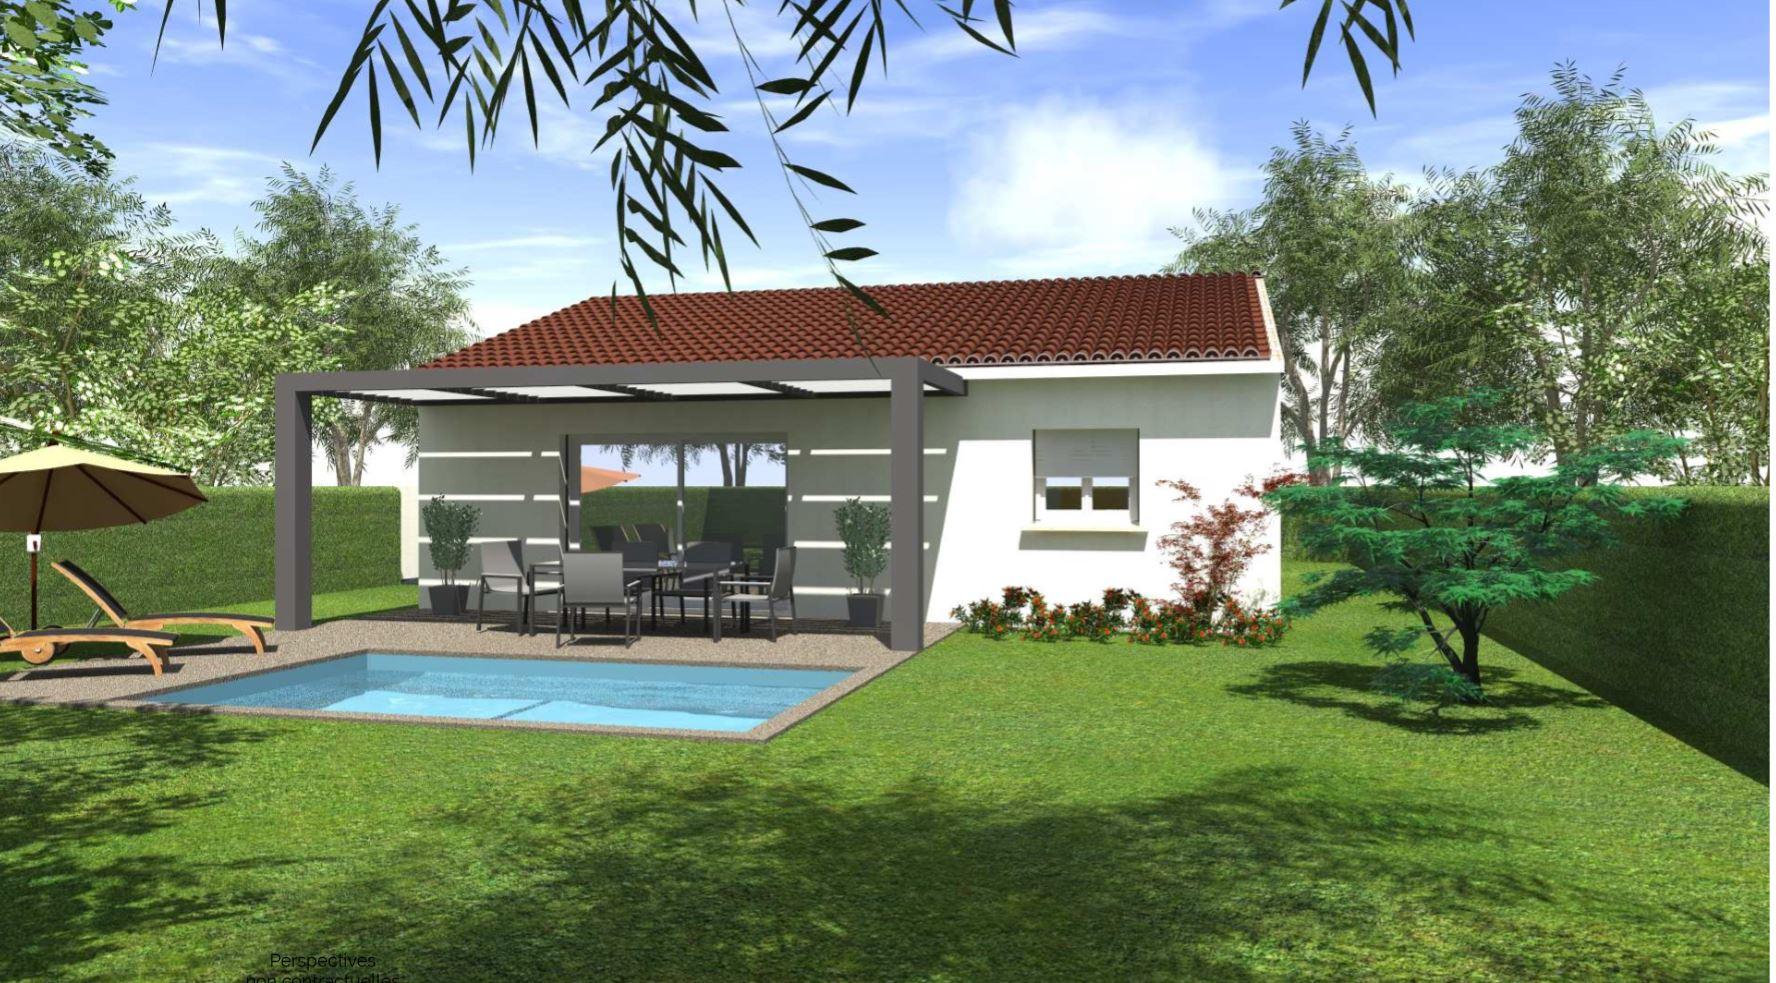 Maisons + Terrains du constructeur HABITAT SUD EST • 80 m² • LES TOURRETTES